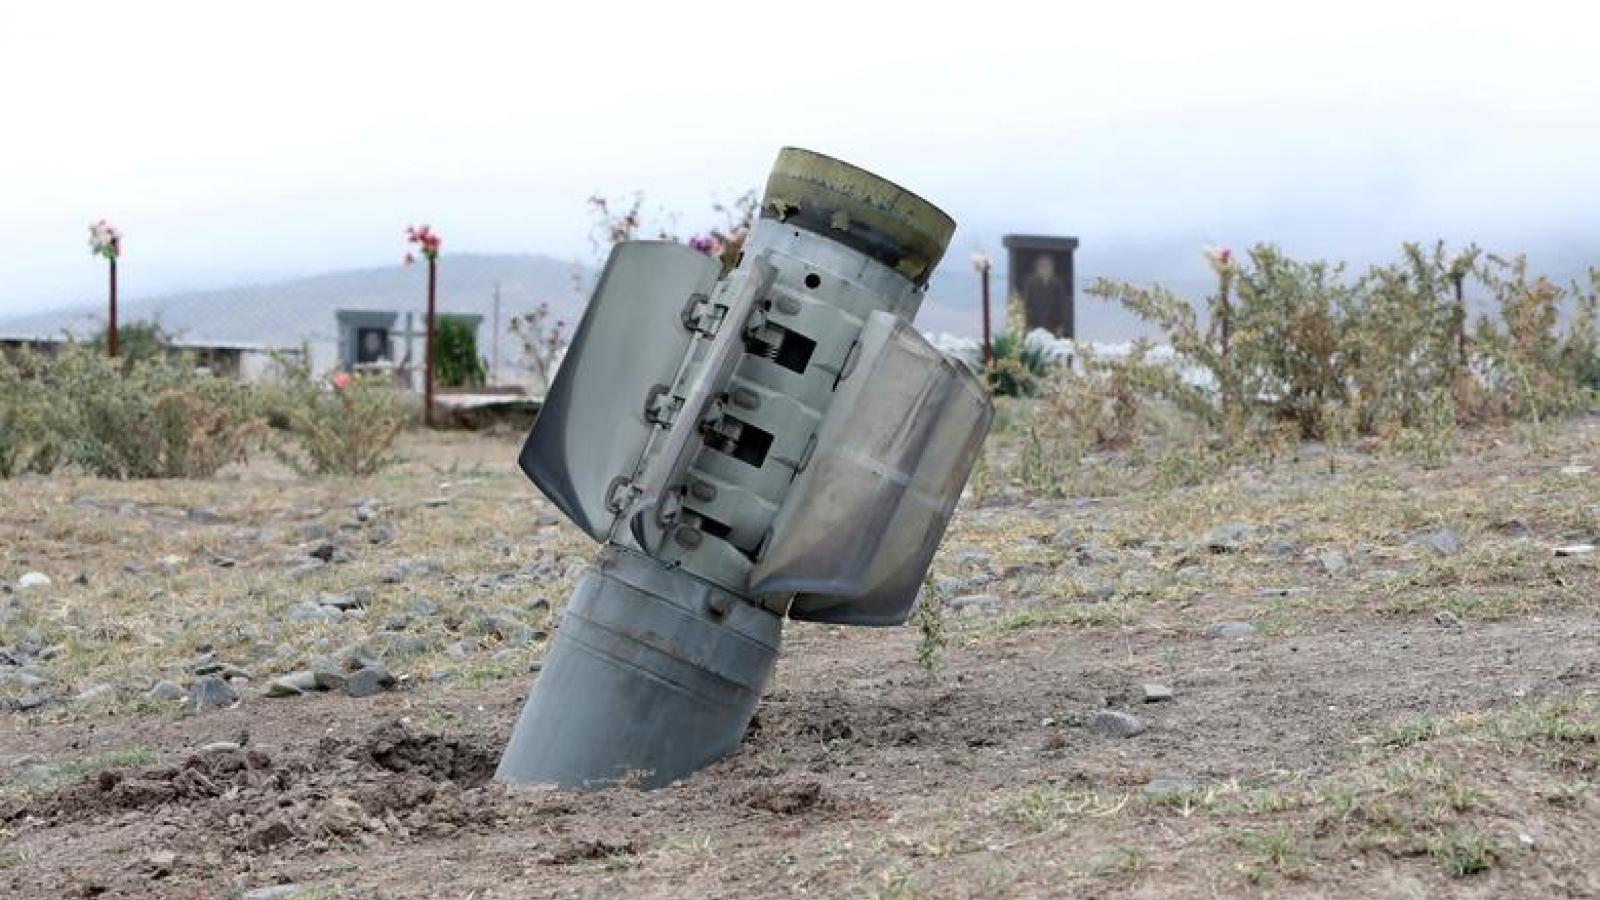 Thổ Nhĩ Kỳ nêu thời hạn tối đa đóng quân ở Nagorno-Karabakh